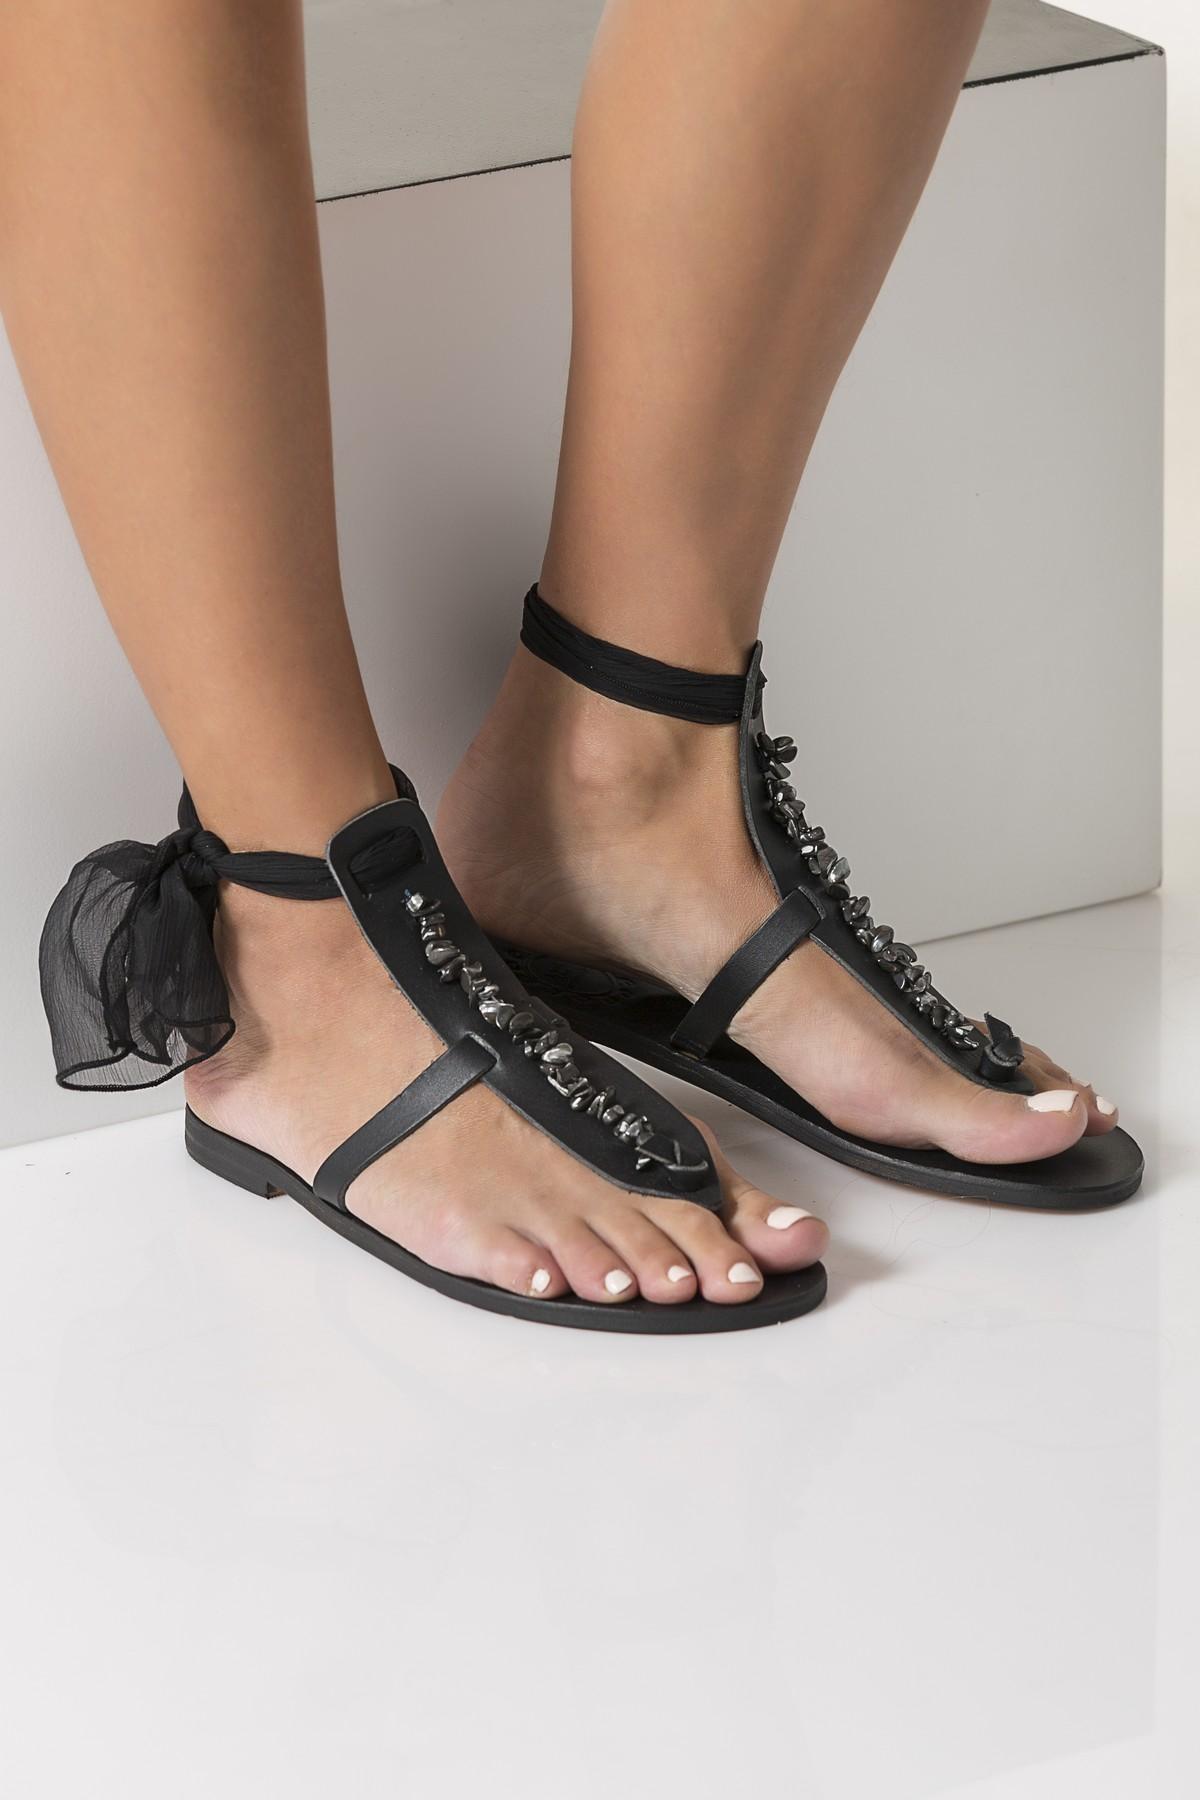 black sandals for wedding